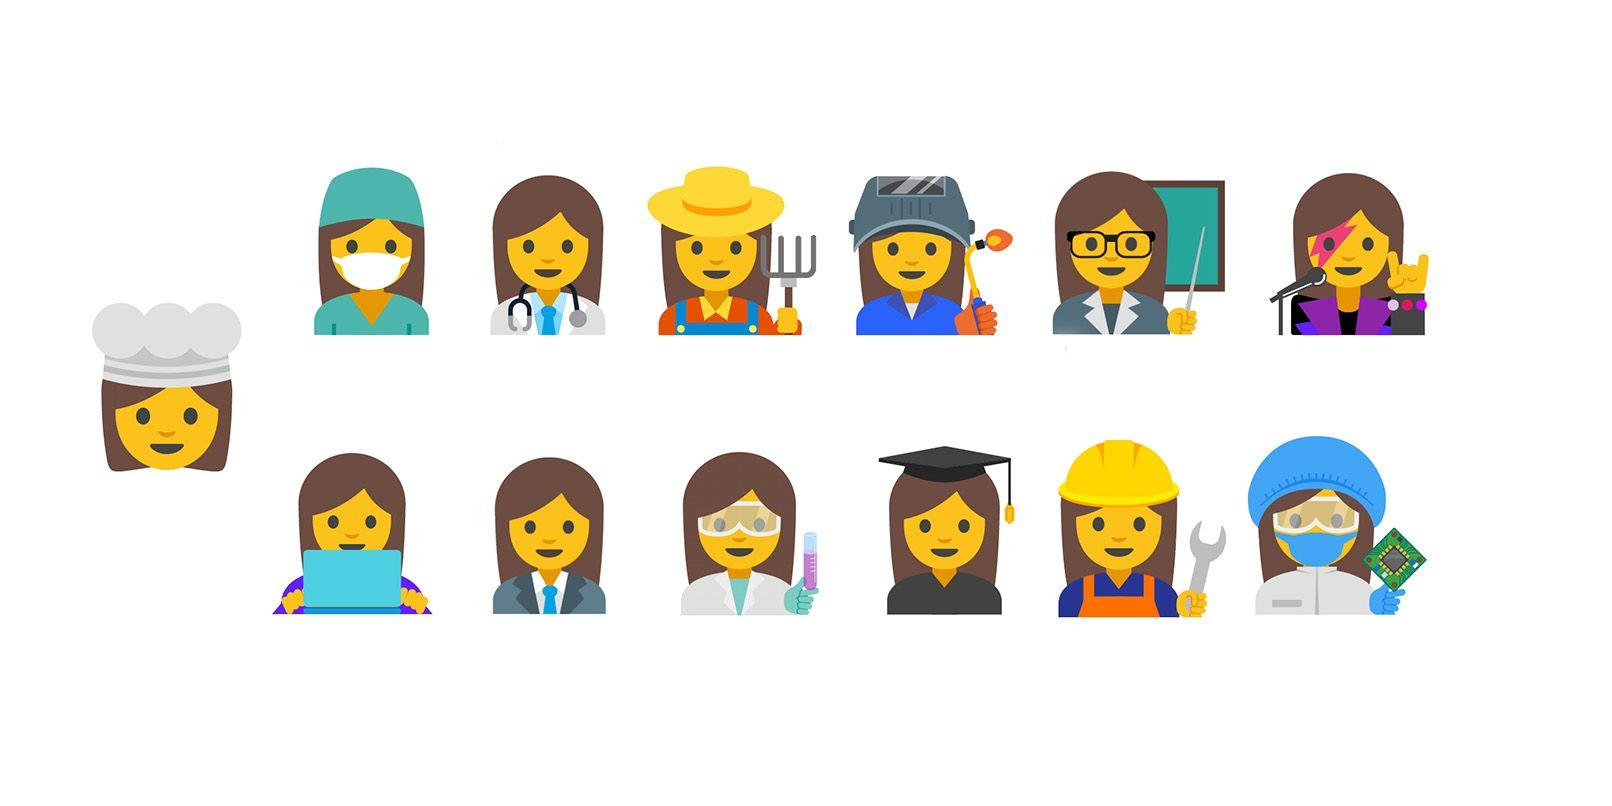 Le emoji di donne che lavorano